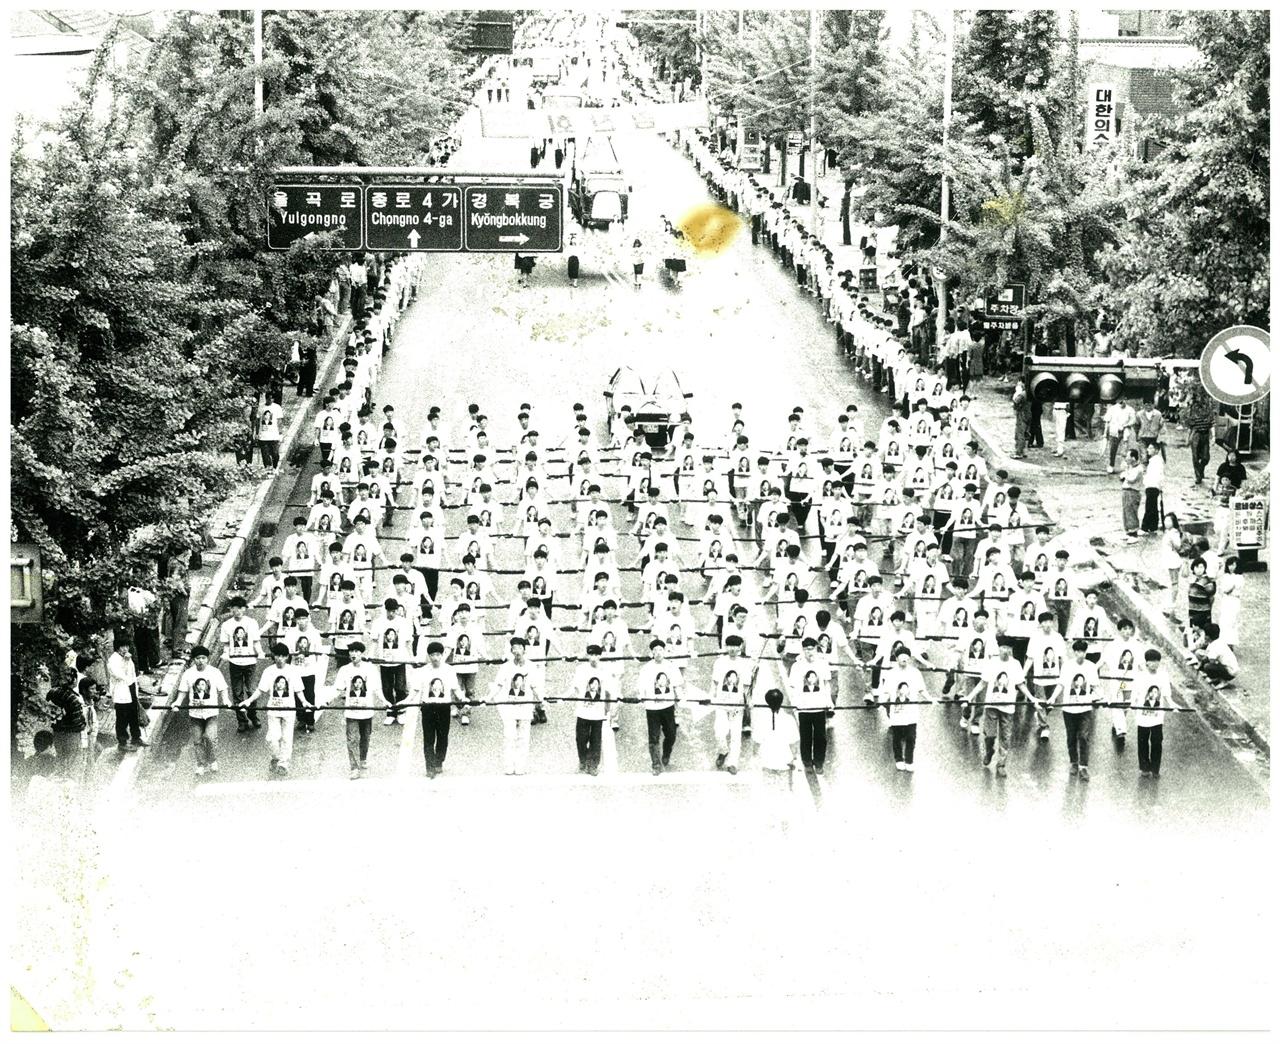 김귀정의 장례행렬 91년 6월12일 성대를 출발한 장례행렬은 파고다공원, 대한극장, 무학여고를 거쳐 모란공원에서 마쳤다.